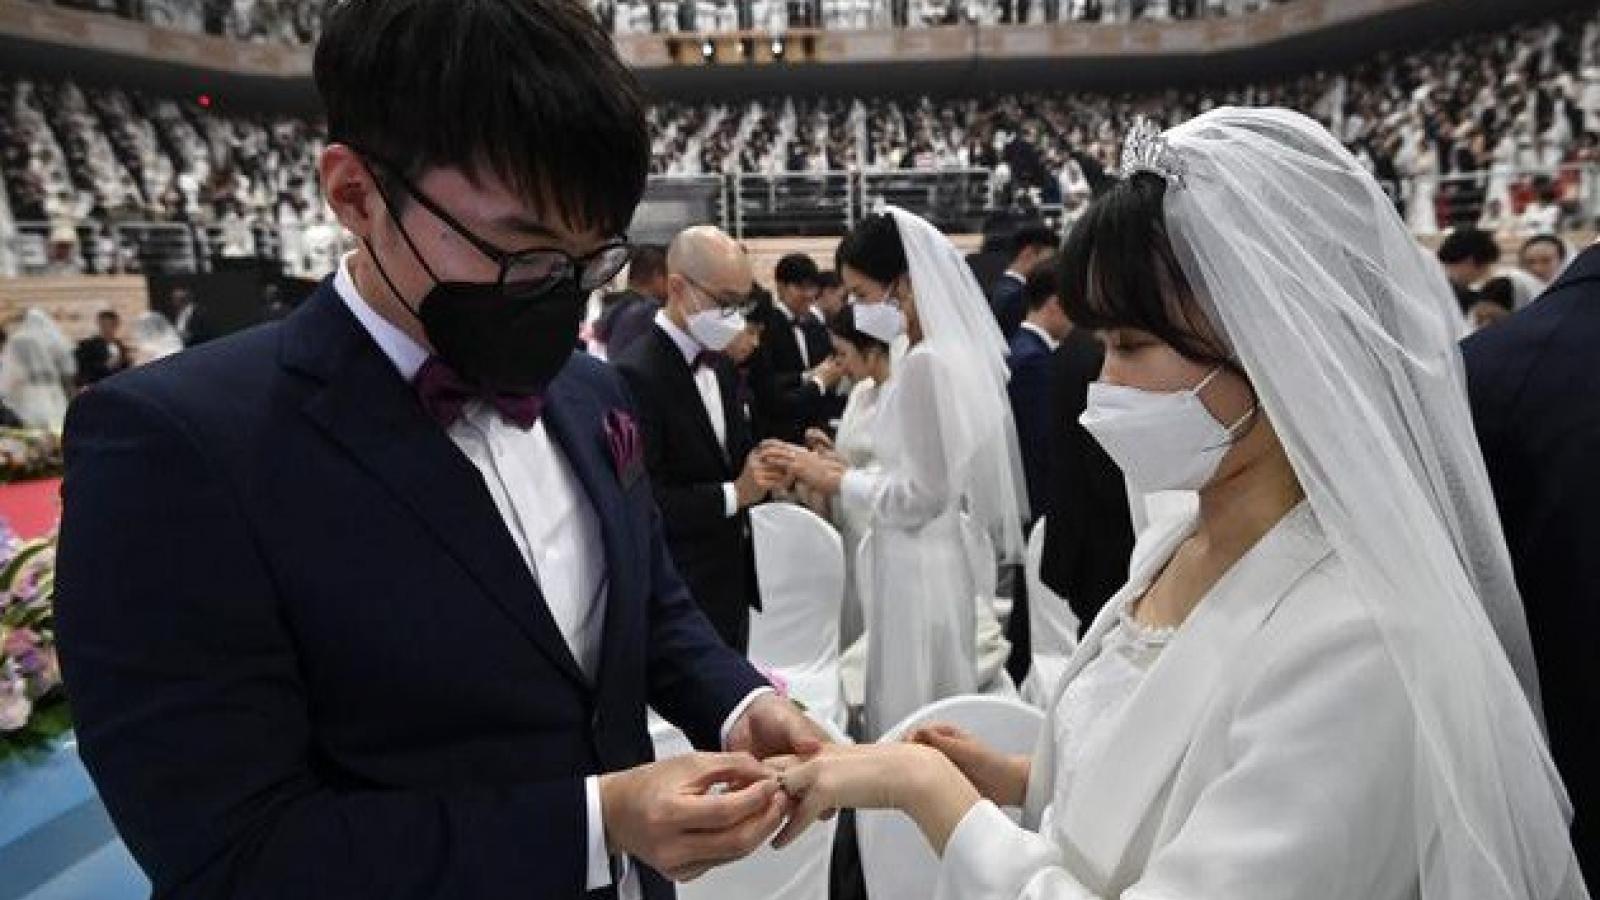 Đám cưới online - Giải pháp trong thời kỳ dịch Covid-19